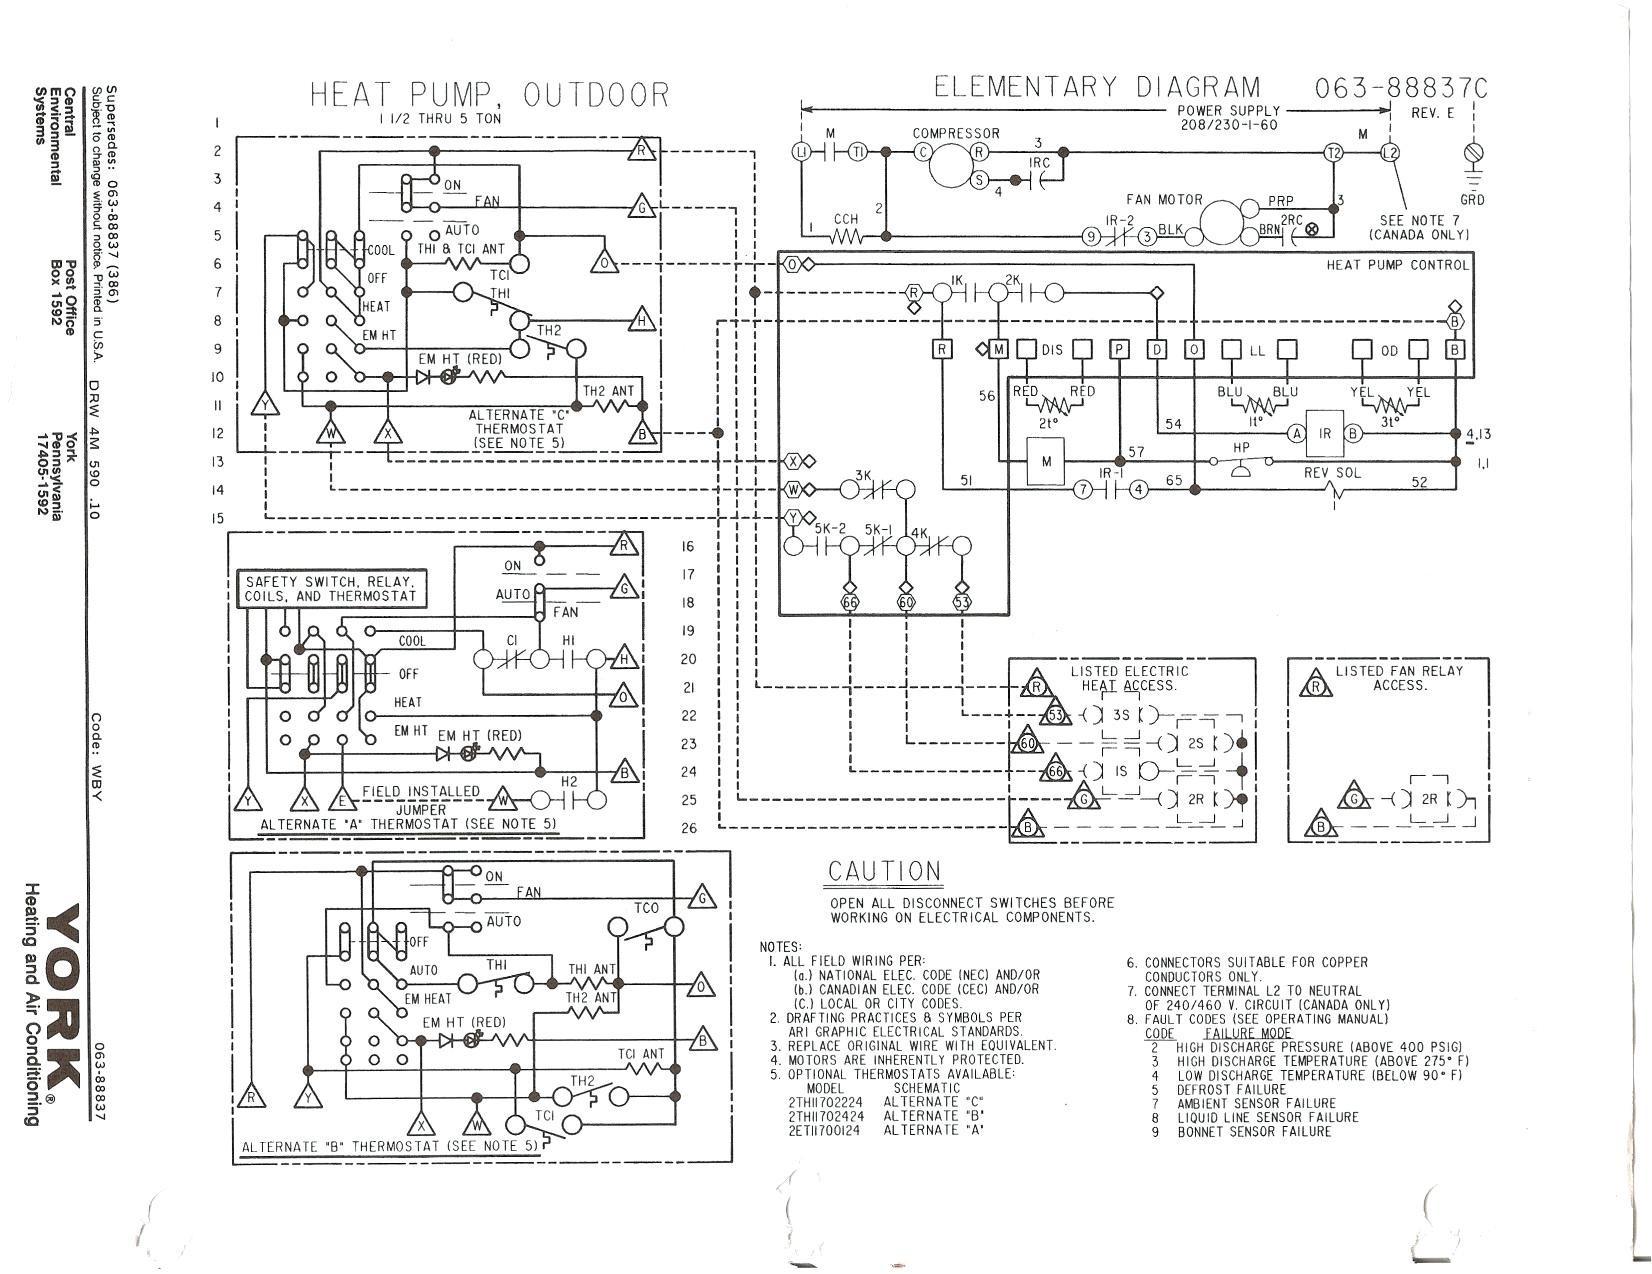 Trane Xl 1200 Wiring Diagram Elegant Trane Heat Pump Wiring and Pressor Diagram Gooddy org within